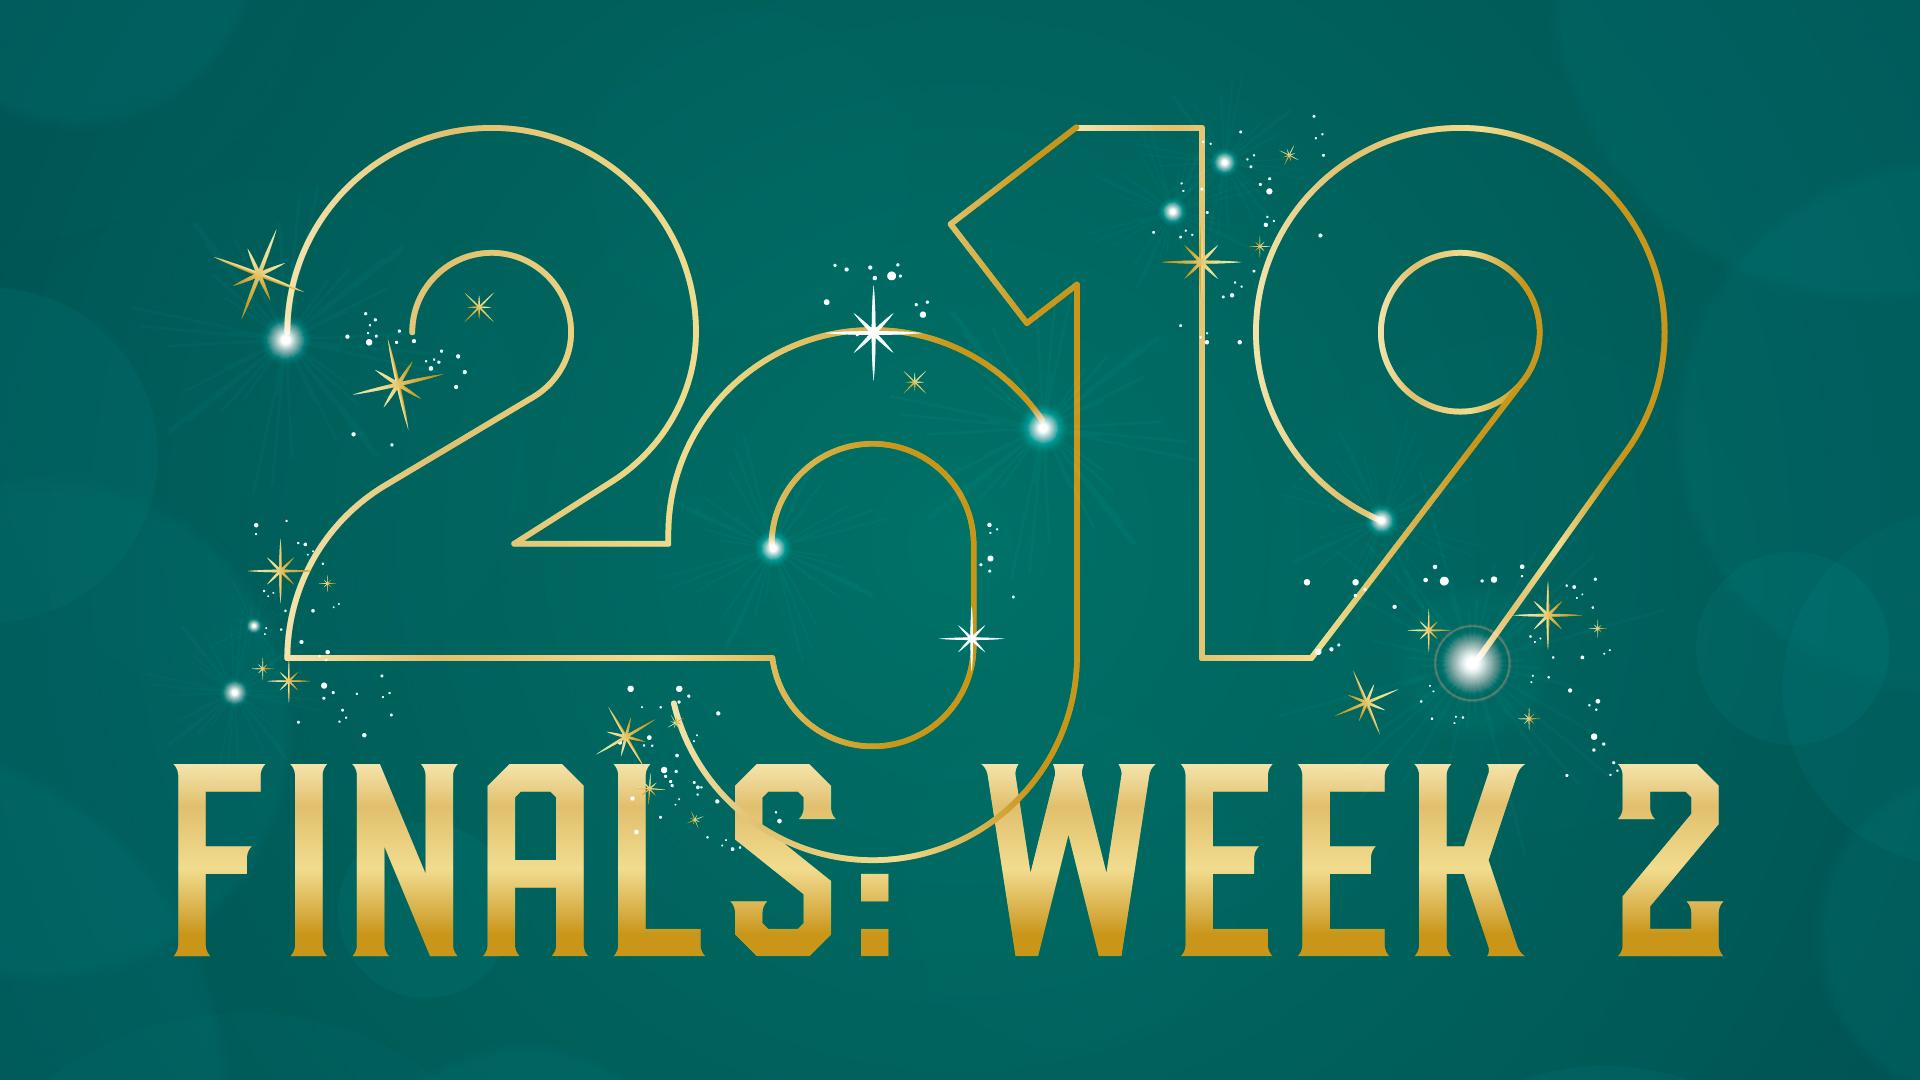 Senior Teams: Finals Week 2